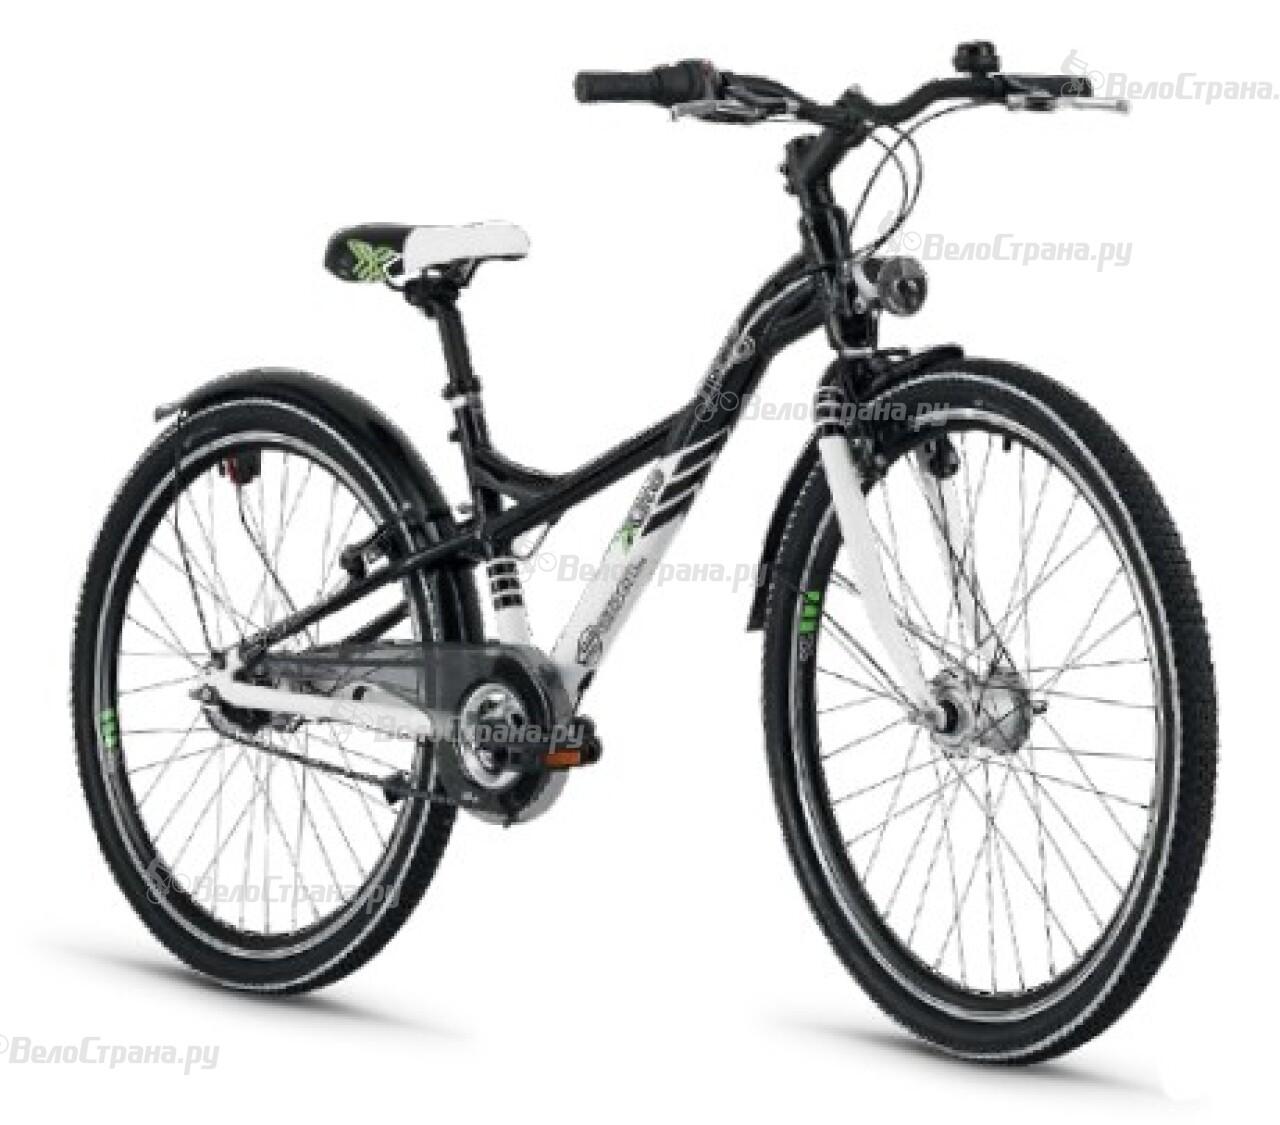 Велосипед Scool XX lite 26 7S (2014) nikon prostaff 7s 8x42